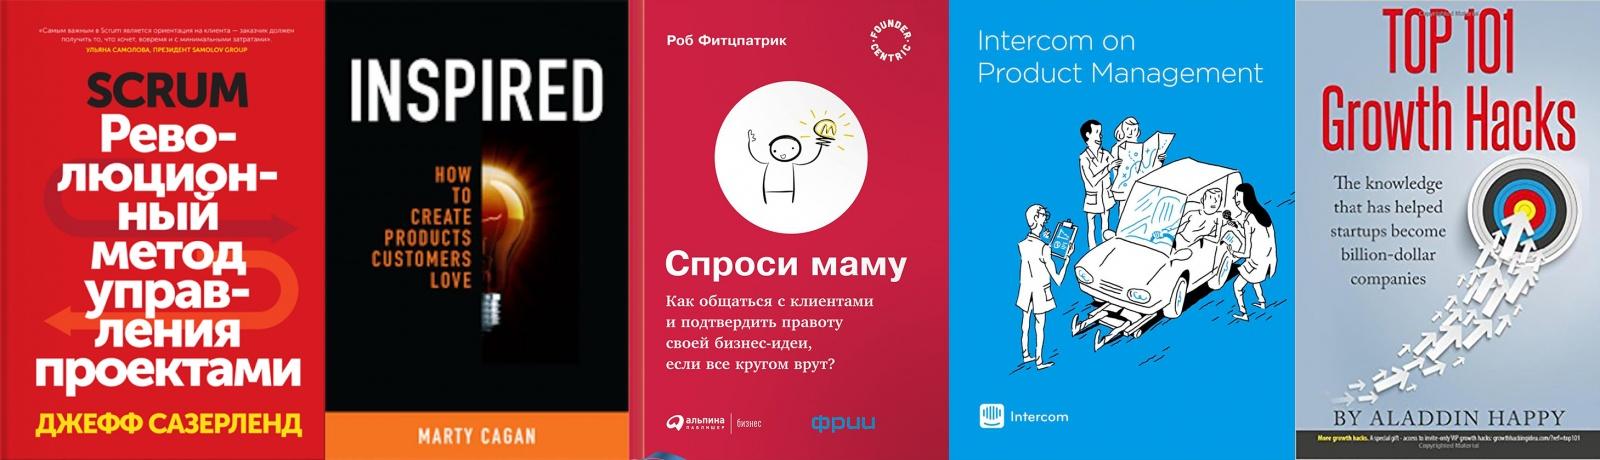 20 лучших книг для продакт- и проджект-менеджеров - 3